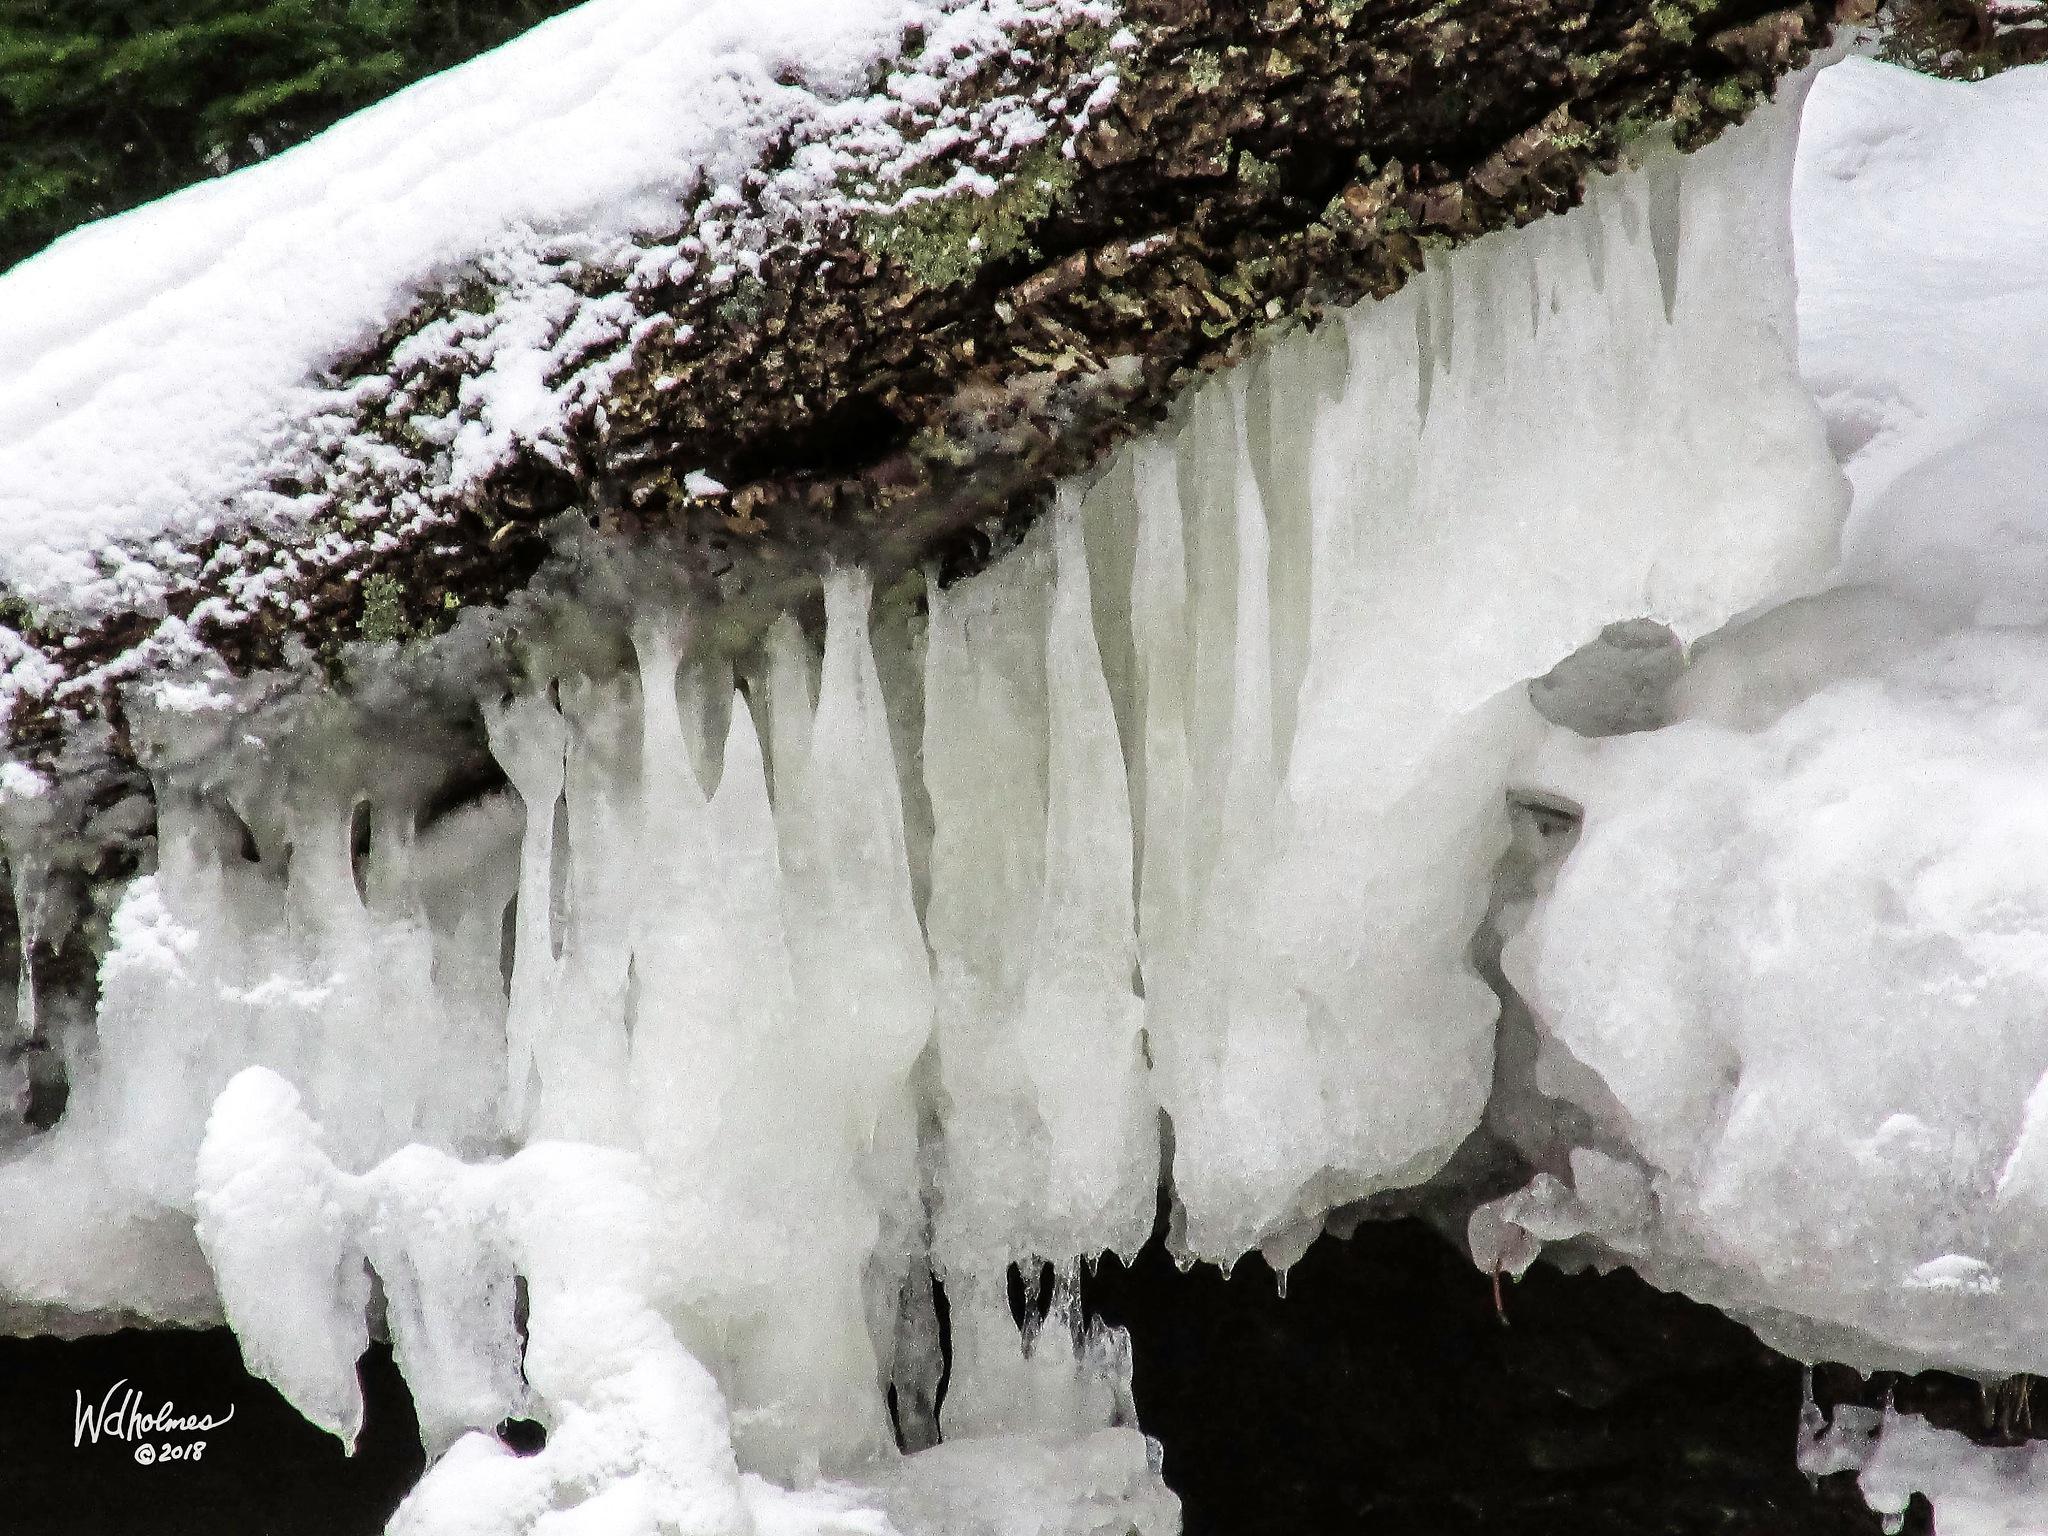 Ice on a Limb by wdholmes54z